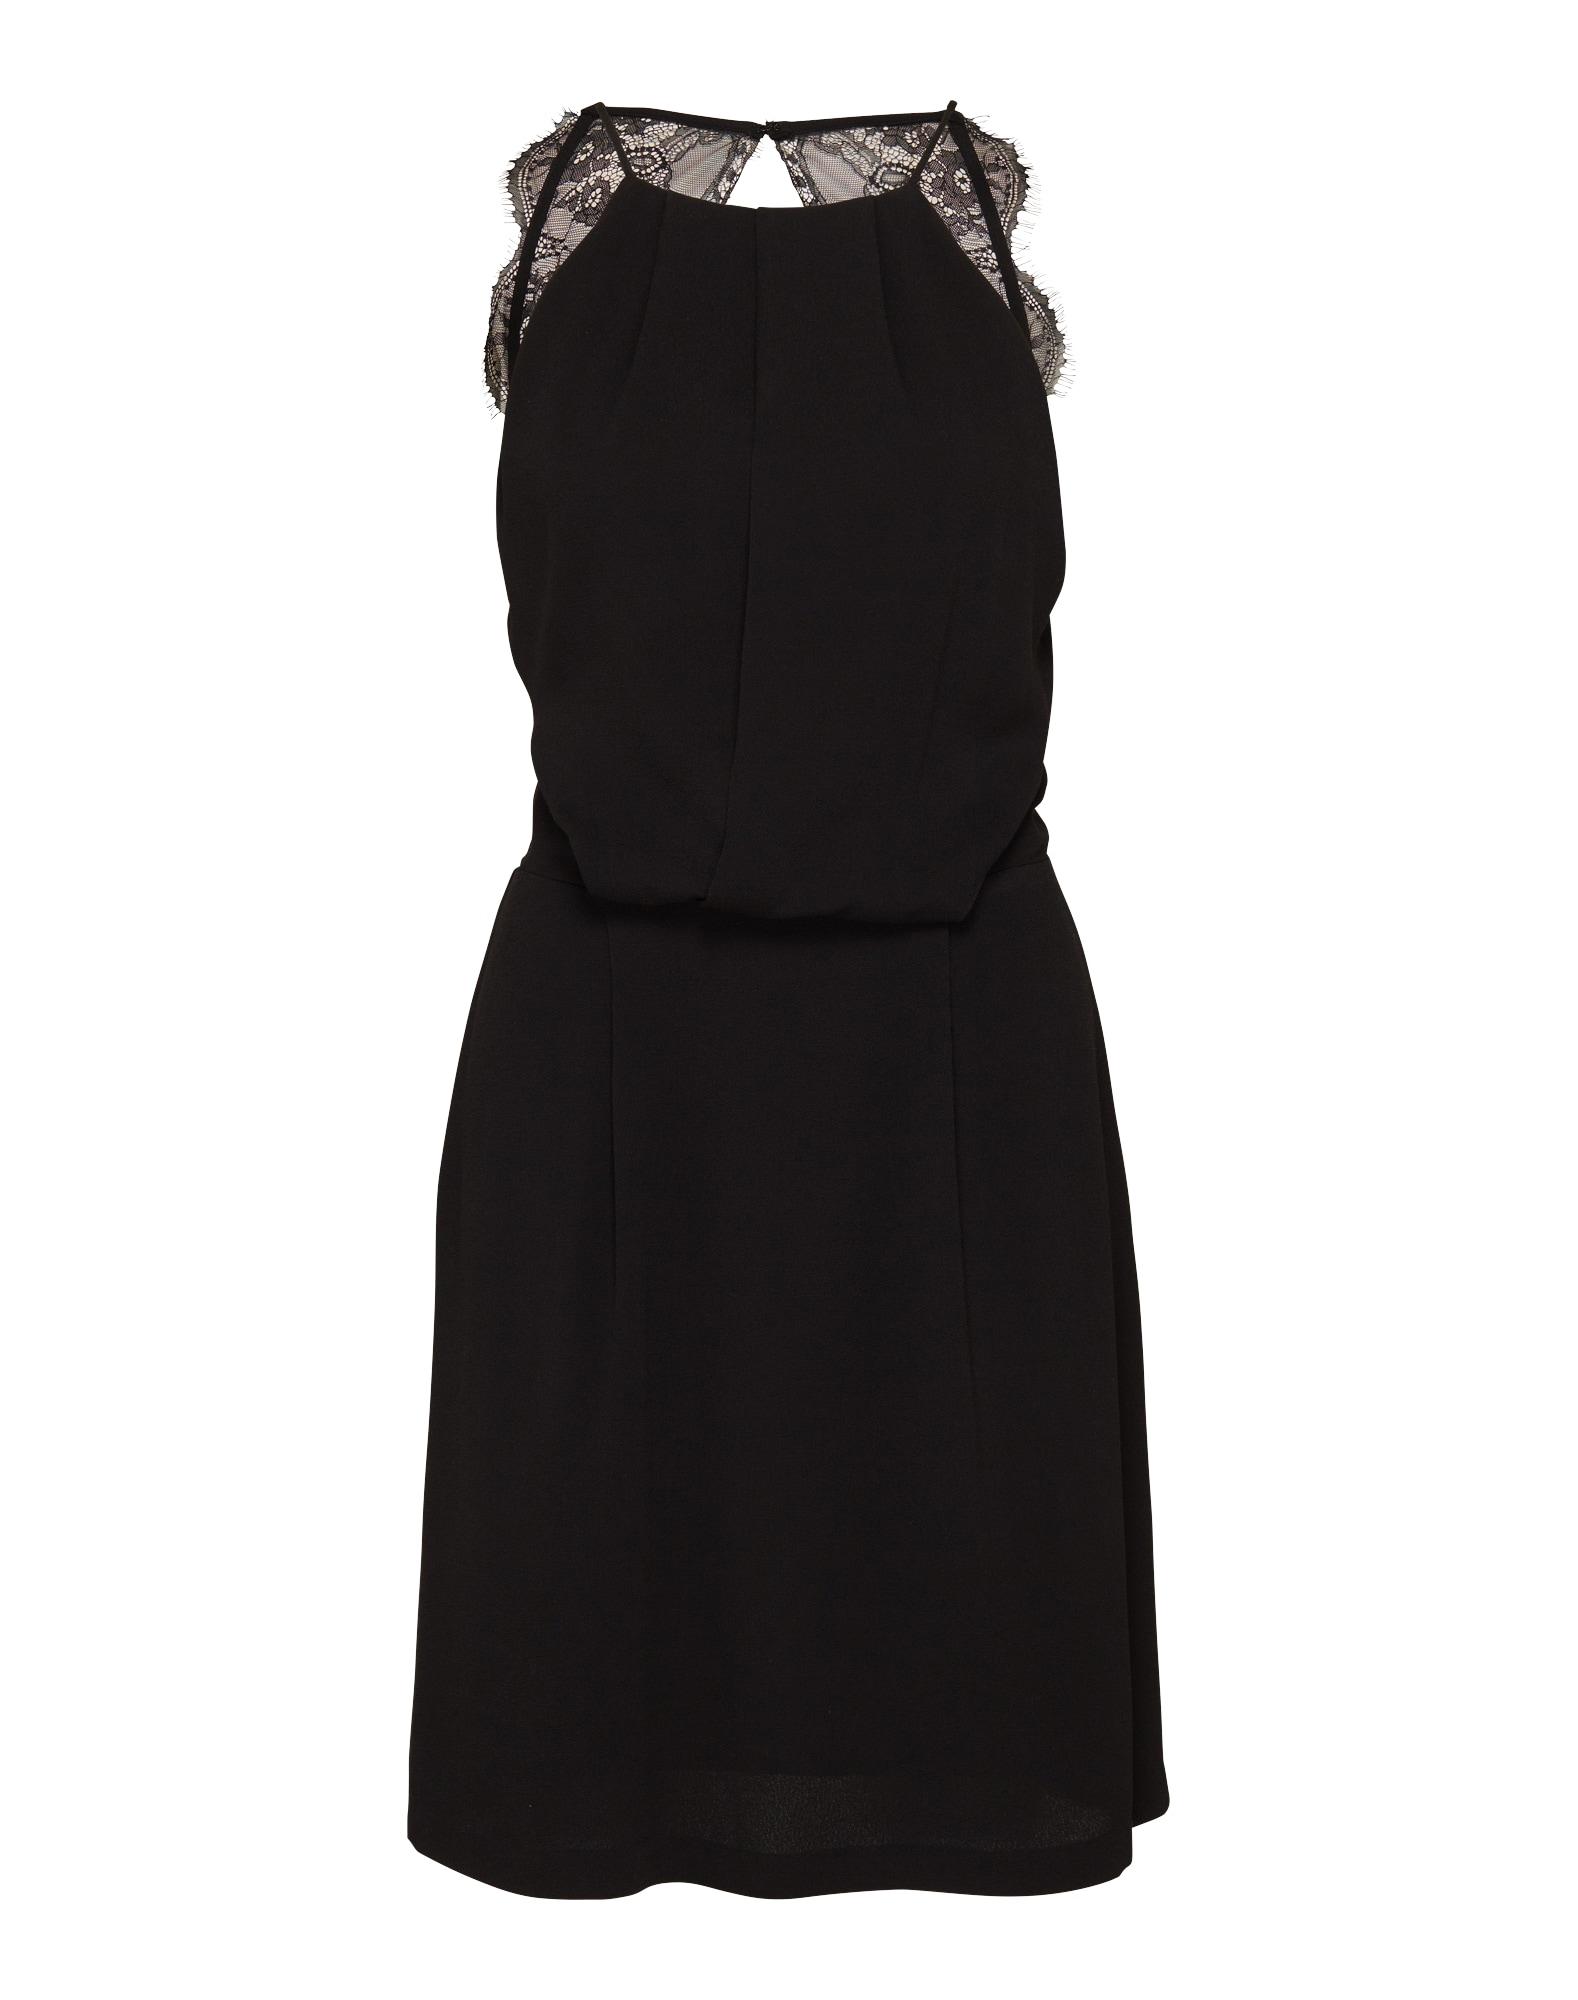 Letní šaty Willow 5687 černá Samsoe & Samsoe